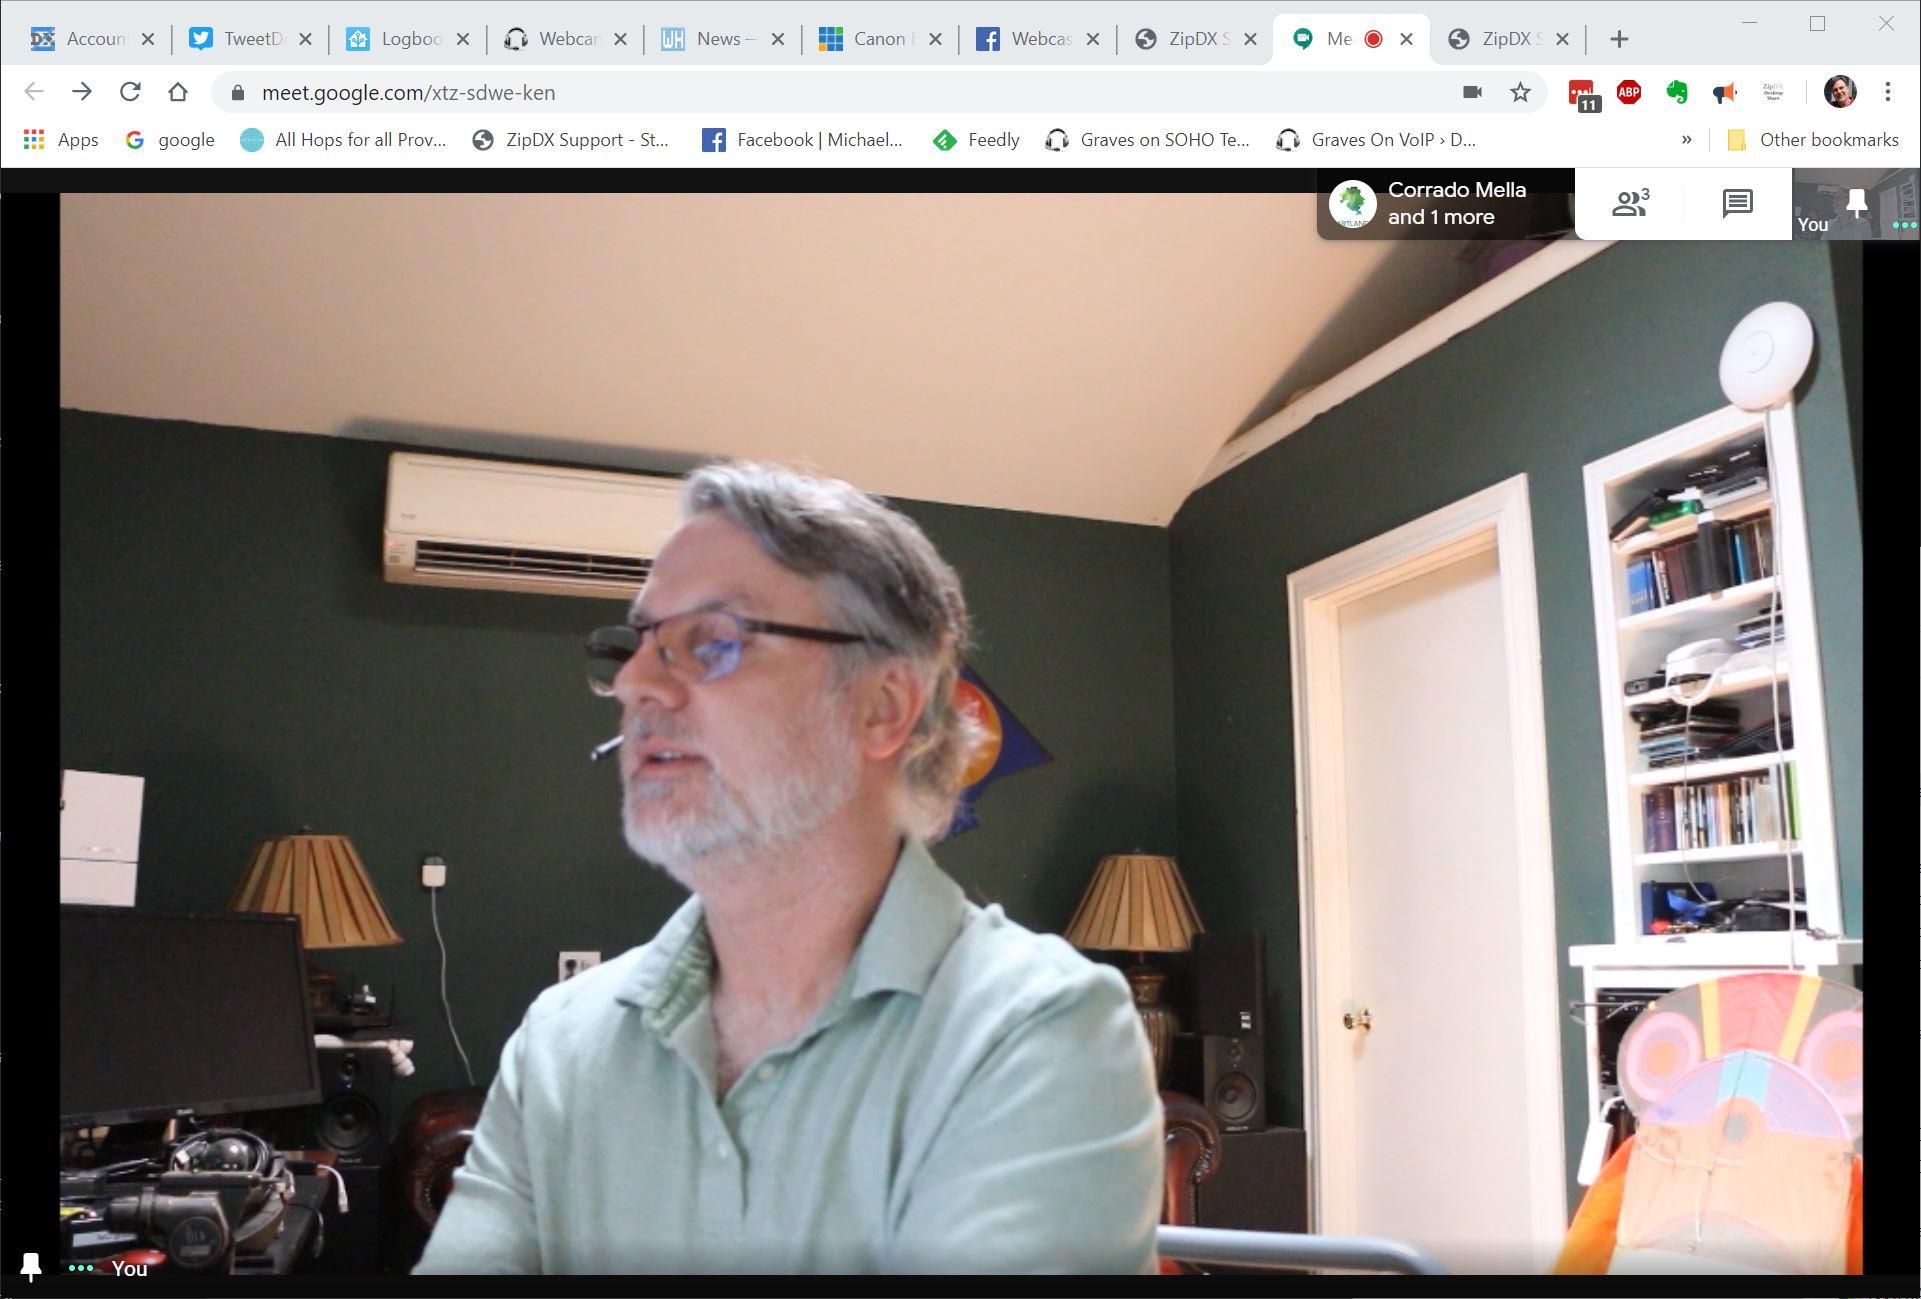 Canon 70D using Canon Webcam Utility in a Google Meet 5-1-2020